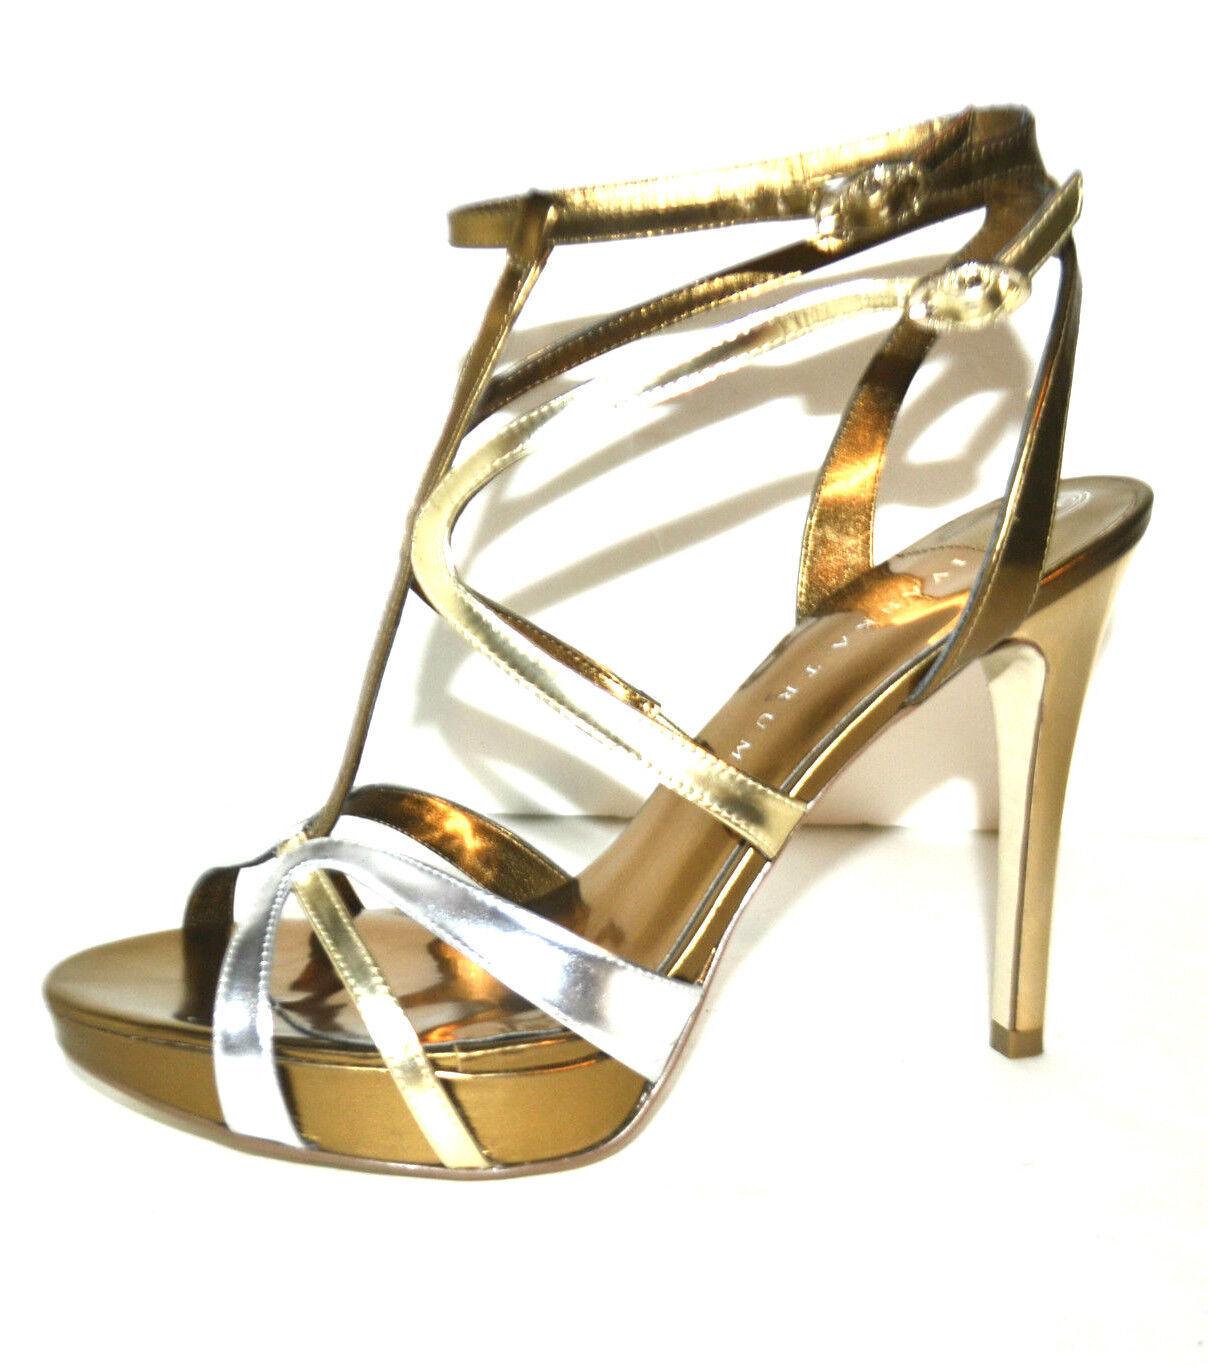 ELEGANT New Ivanka Trump  Wouomo scarpe Sandals oro Genuine Leather Dimensione 10  miglior prezzo migliore